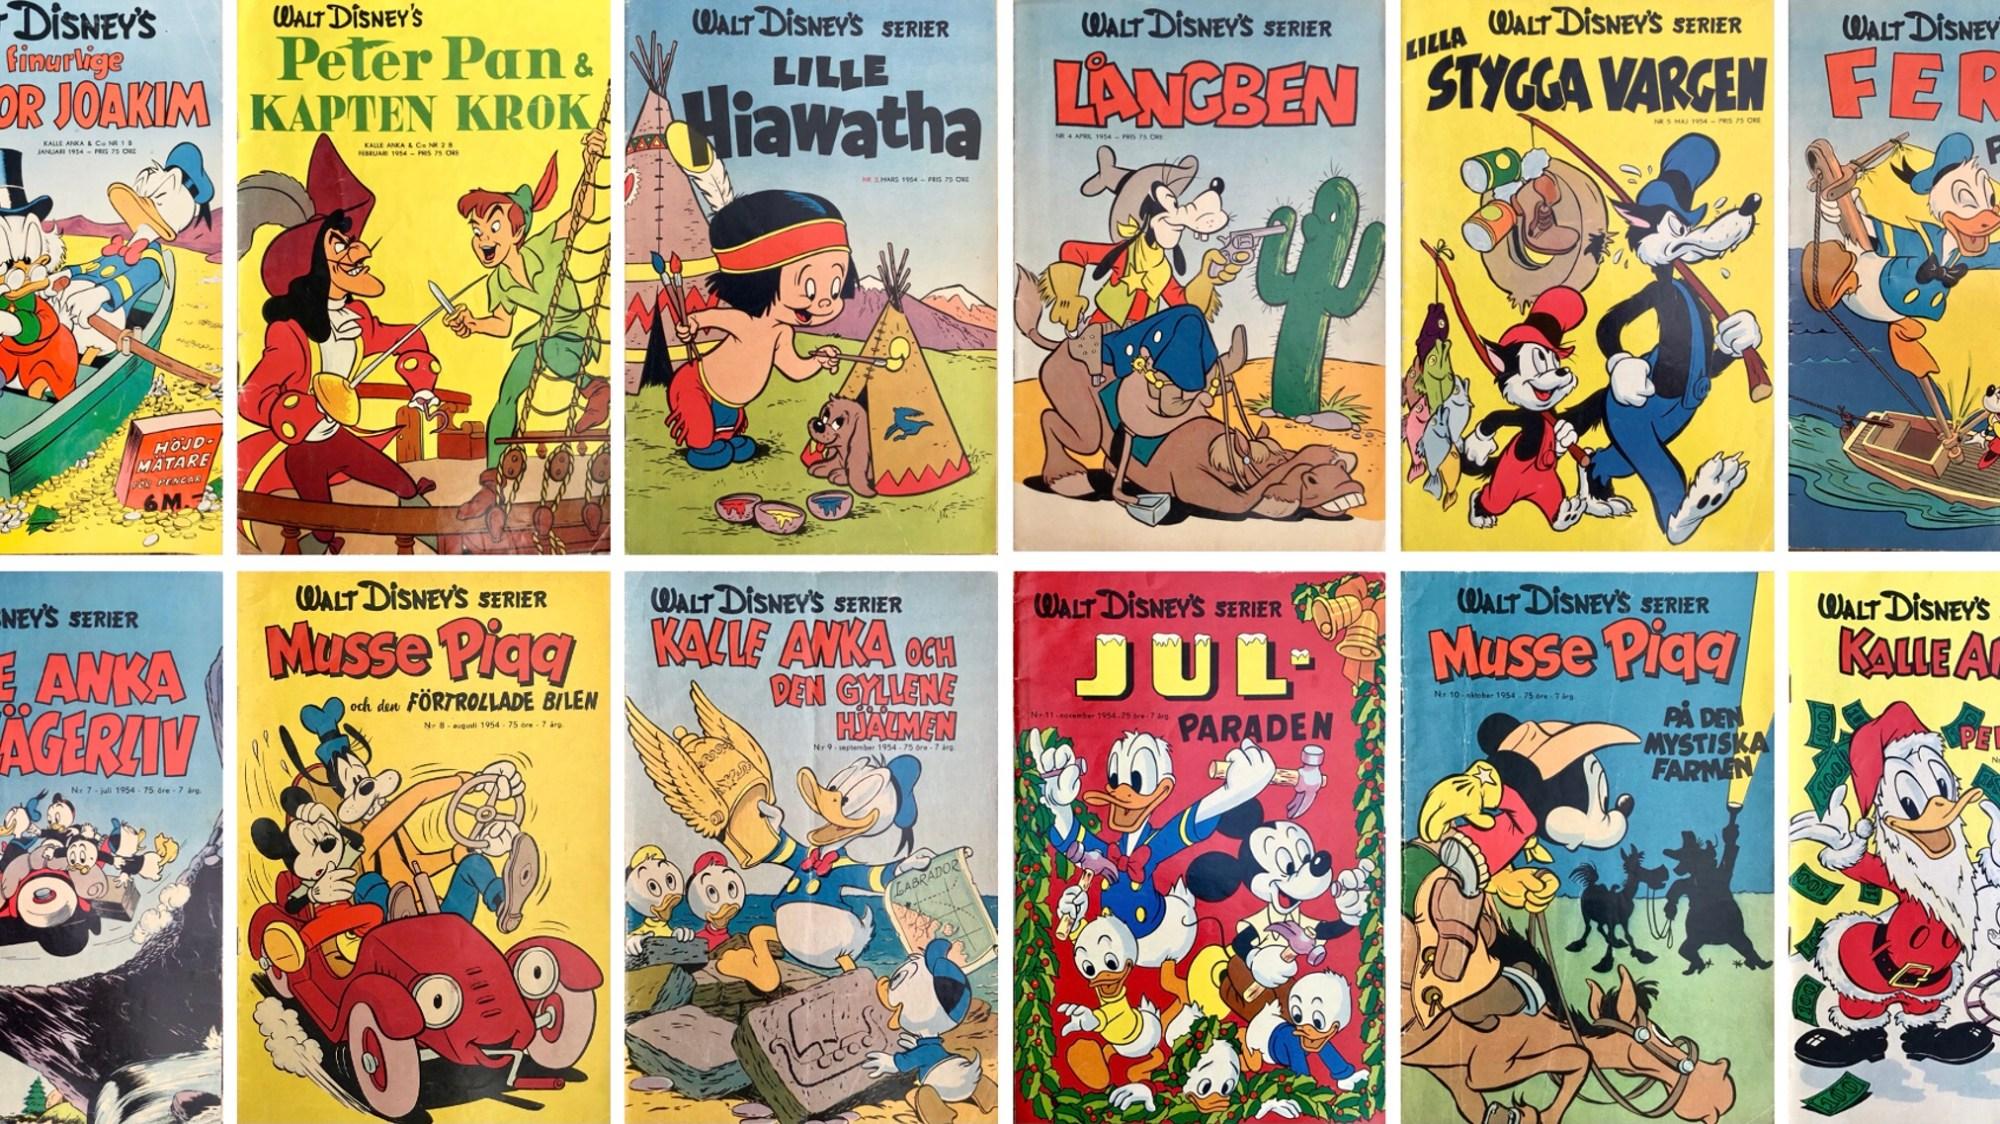 Walt Disney's serier 1954